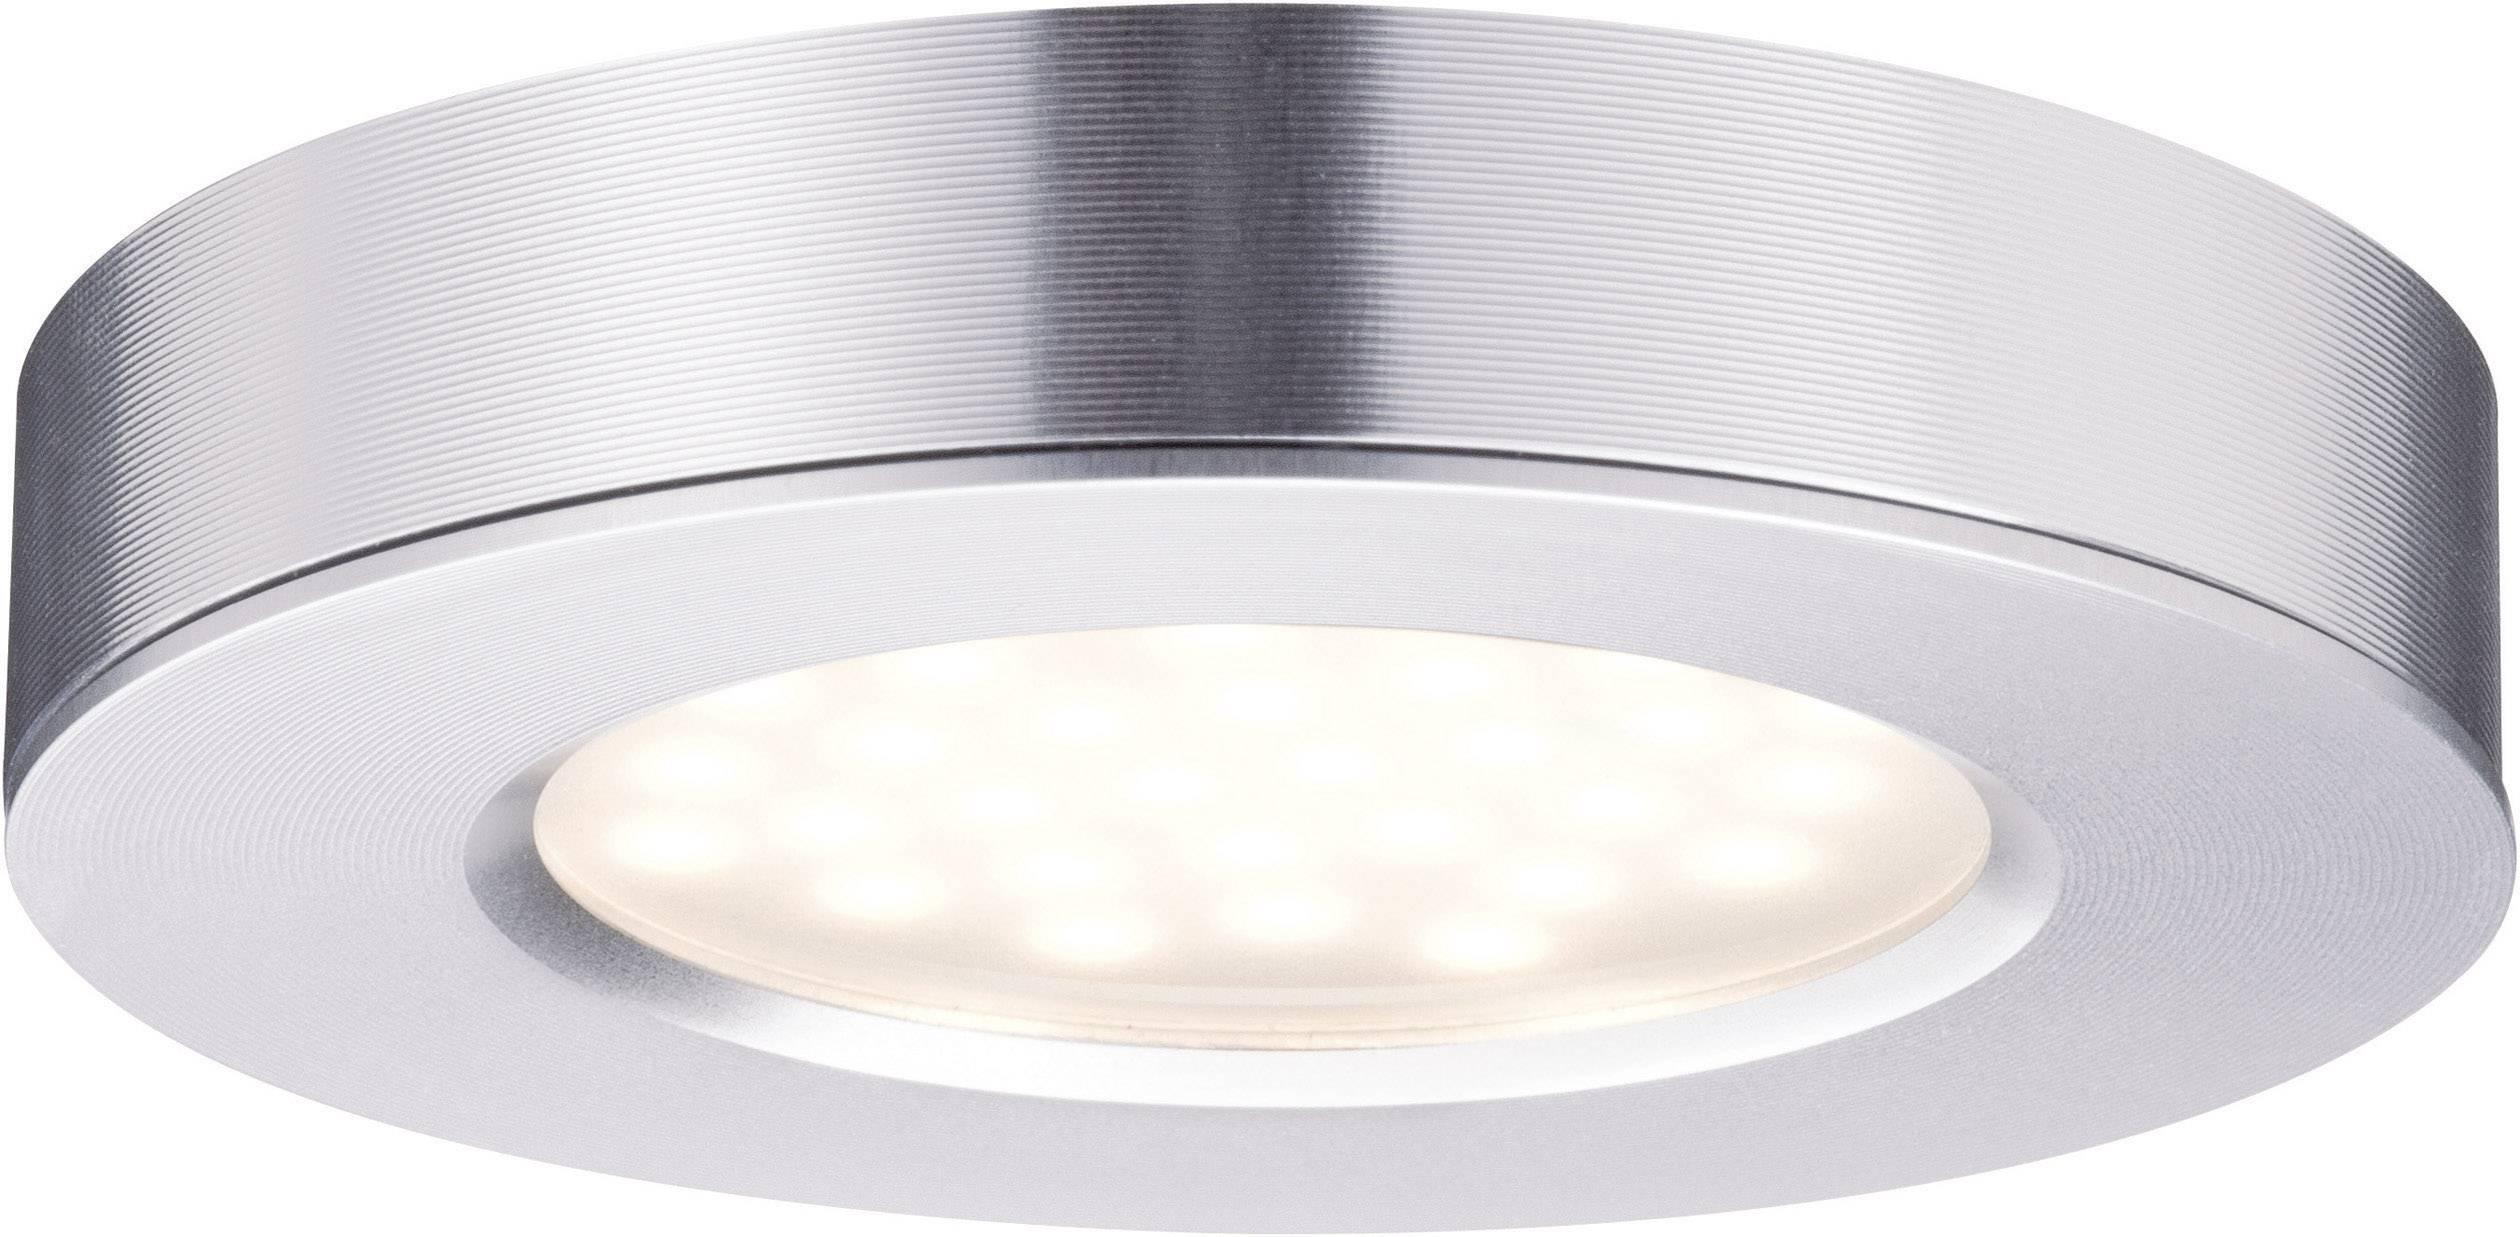 LED osvetlenie na stenu / strop Paulmann Micro Line Platy 9 W teplá biela sada 3 ks hliník